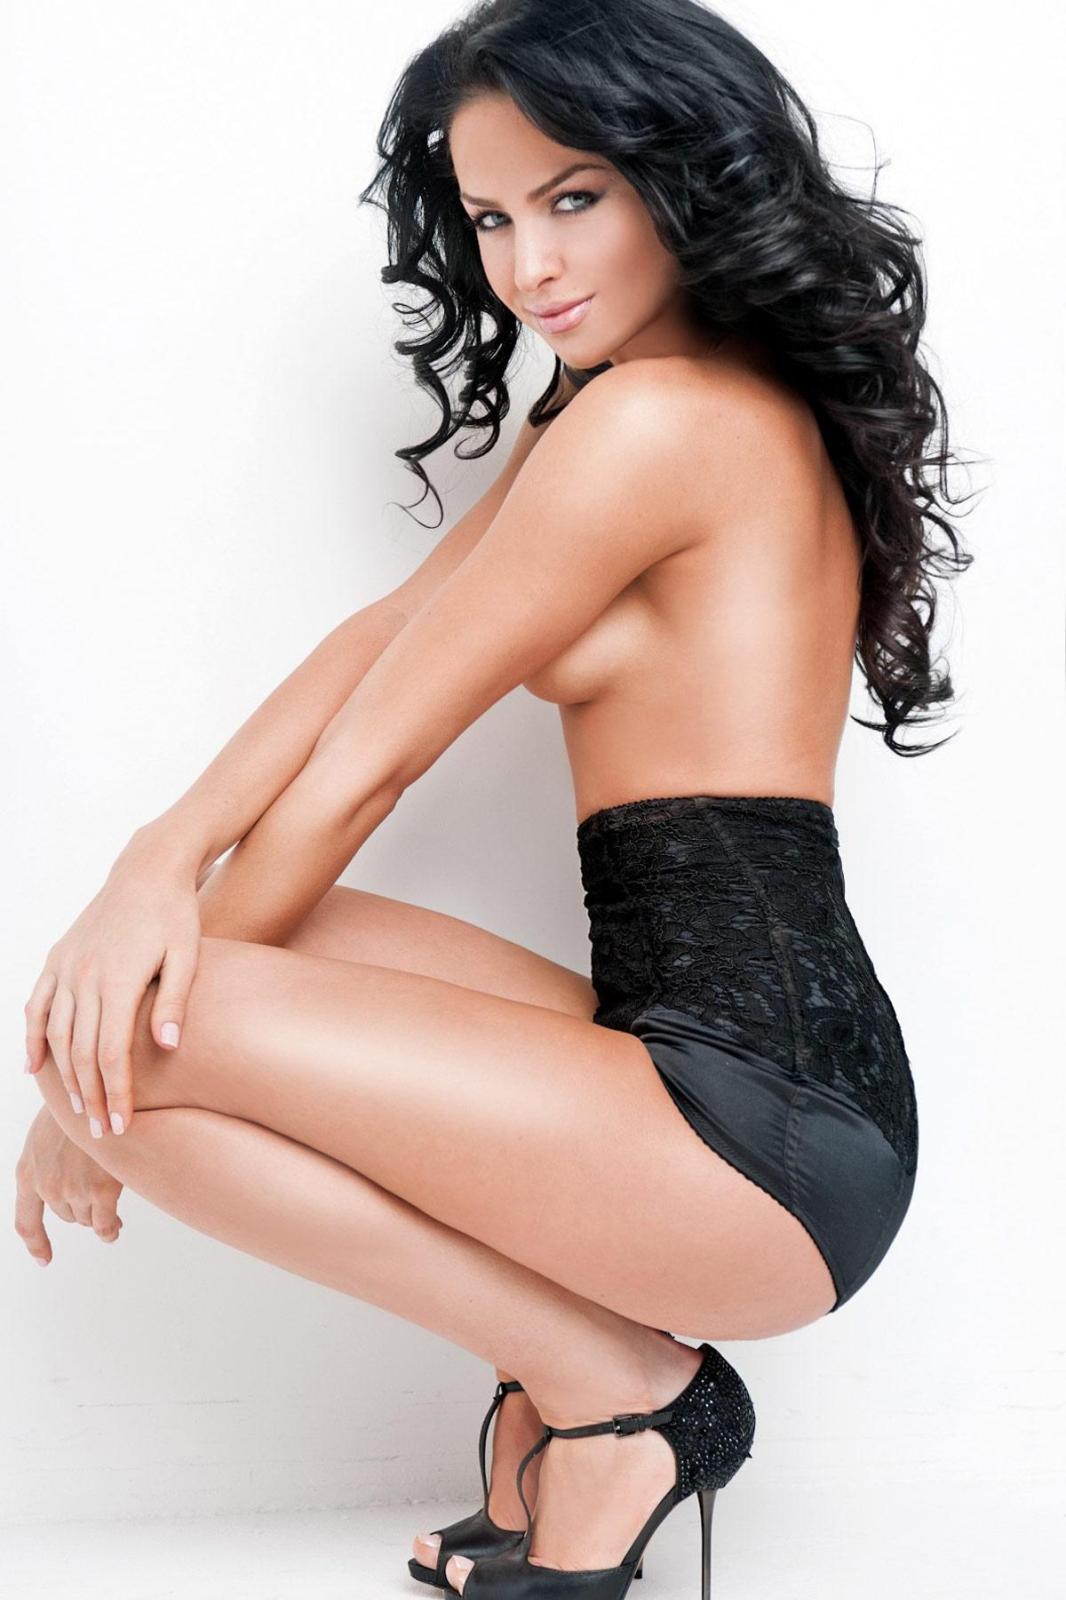 Russian Ukrainian Women Page Anthroscape Jpg 1066x1600 Katya Vlad Teen Models